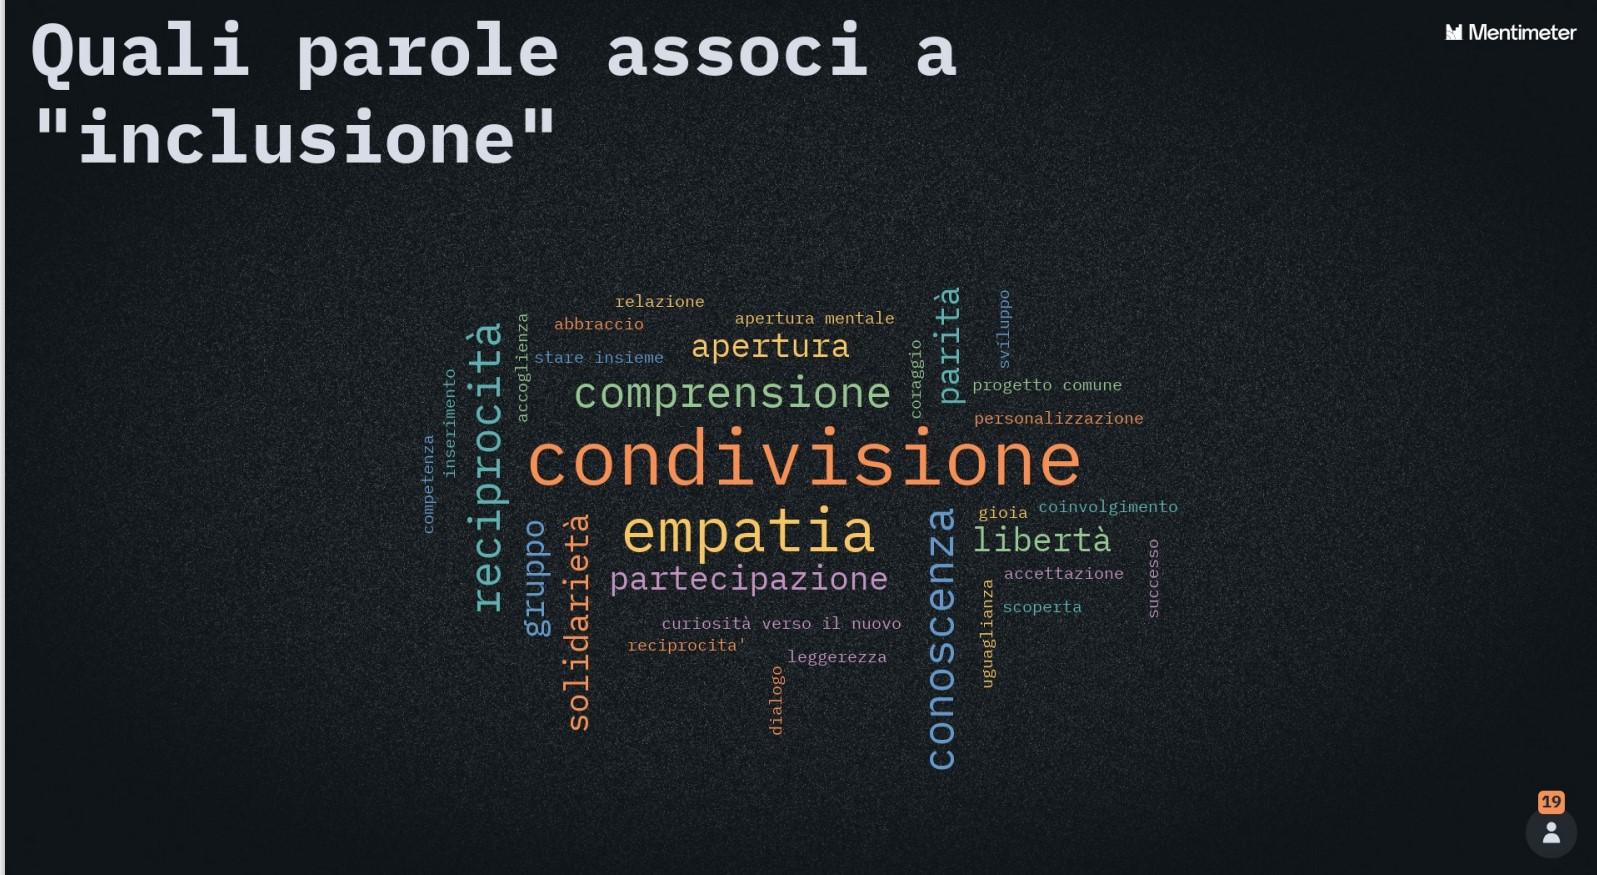 """una """"nuvola di parole"""" in risposta alla domanda """"quale parola associ a inclusione"""""""